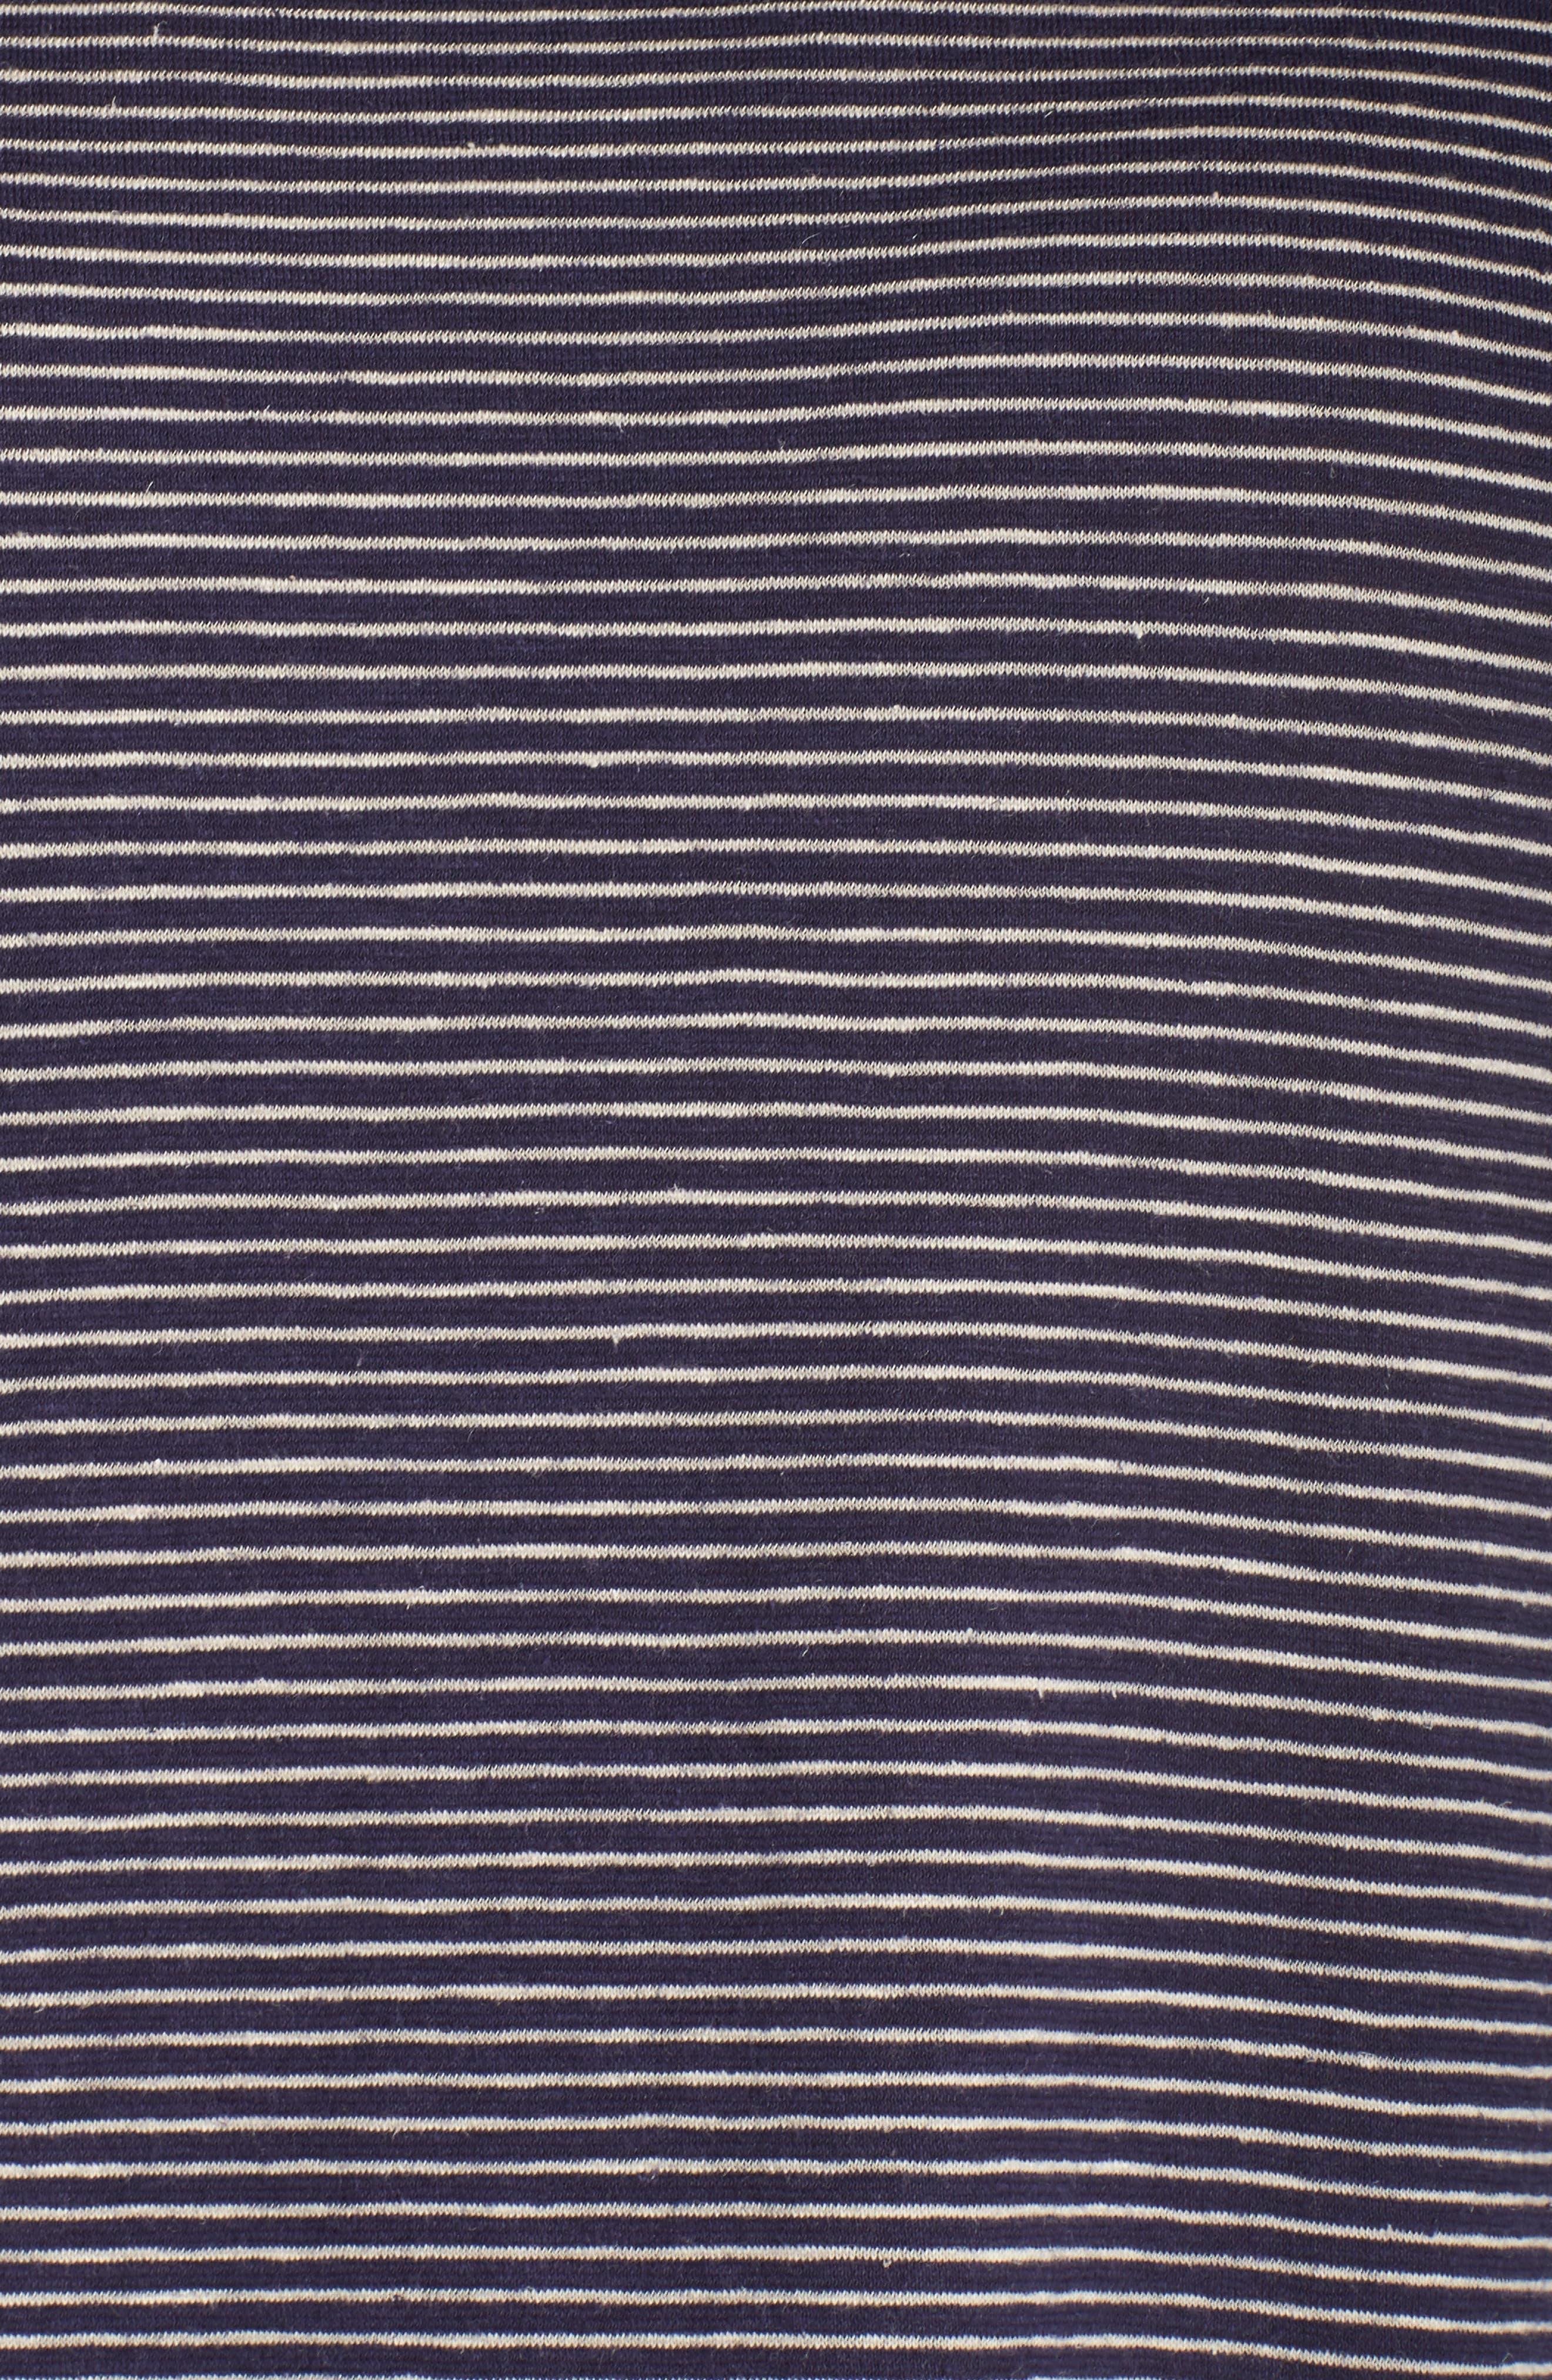 Stripe Hem & Cotton T-Shirt Dress,                             Alternate thumbnail 5, color,                             465